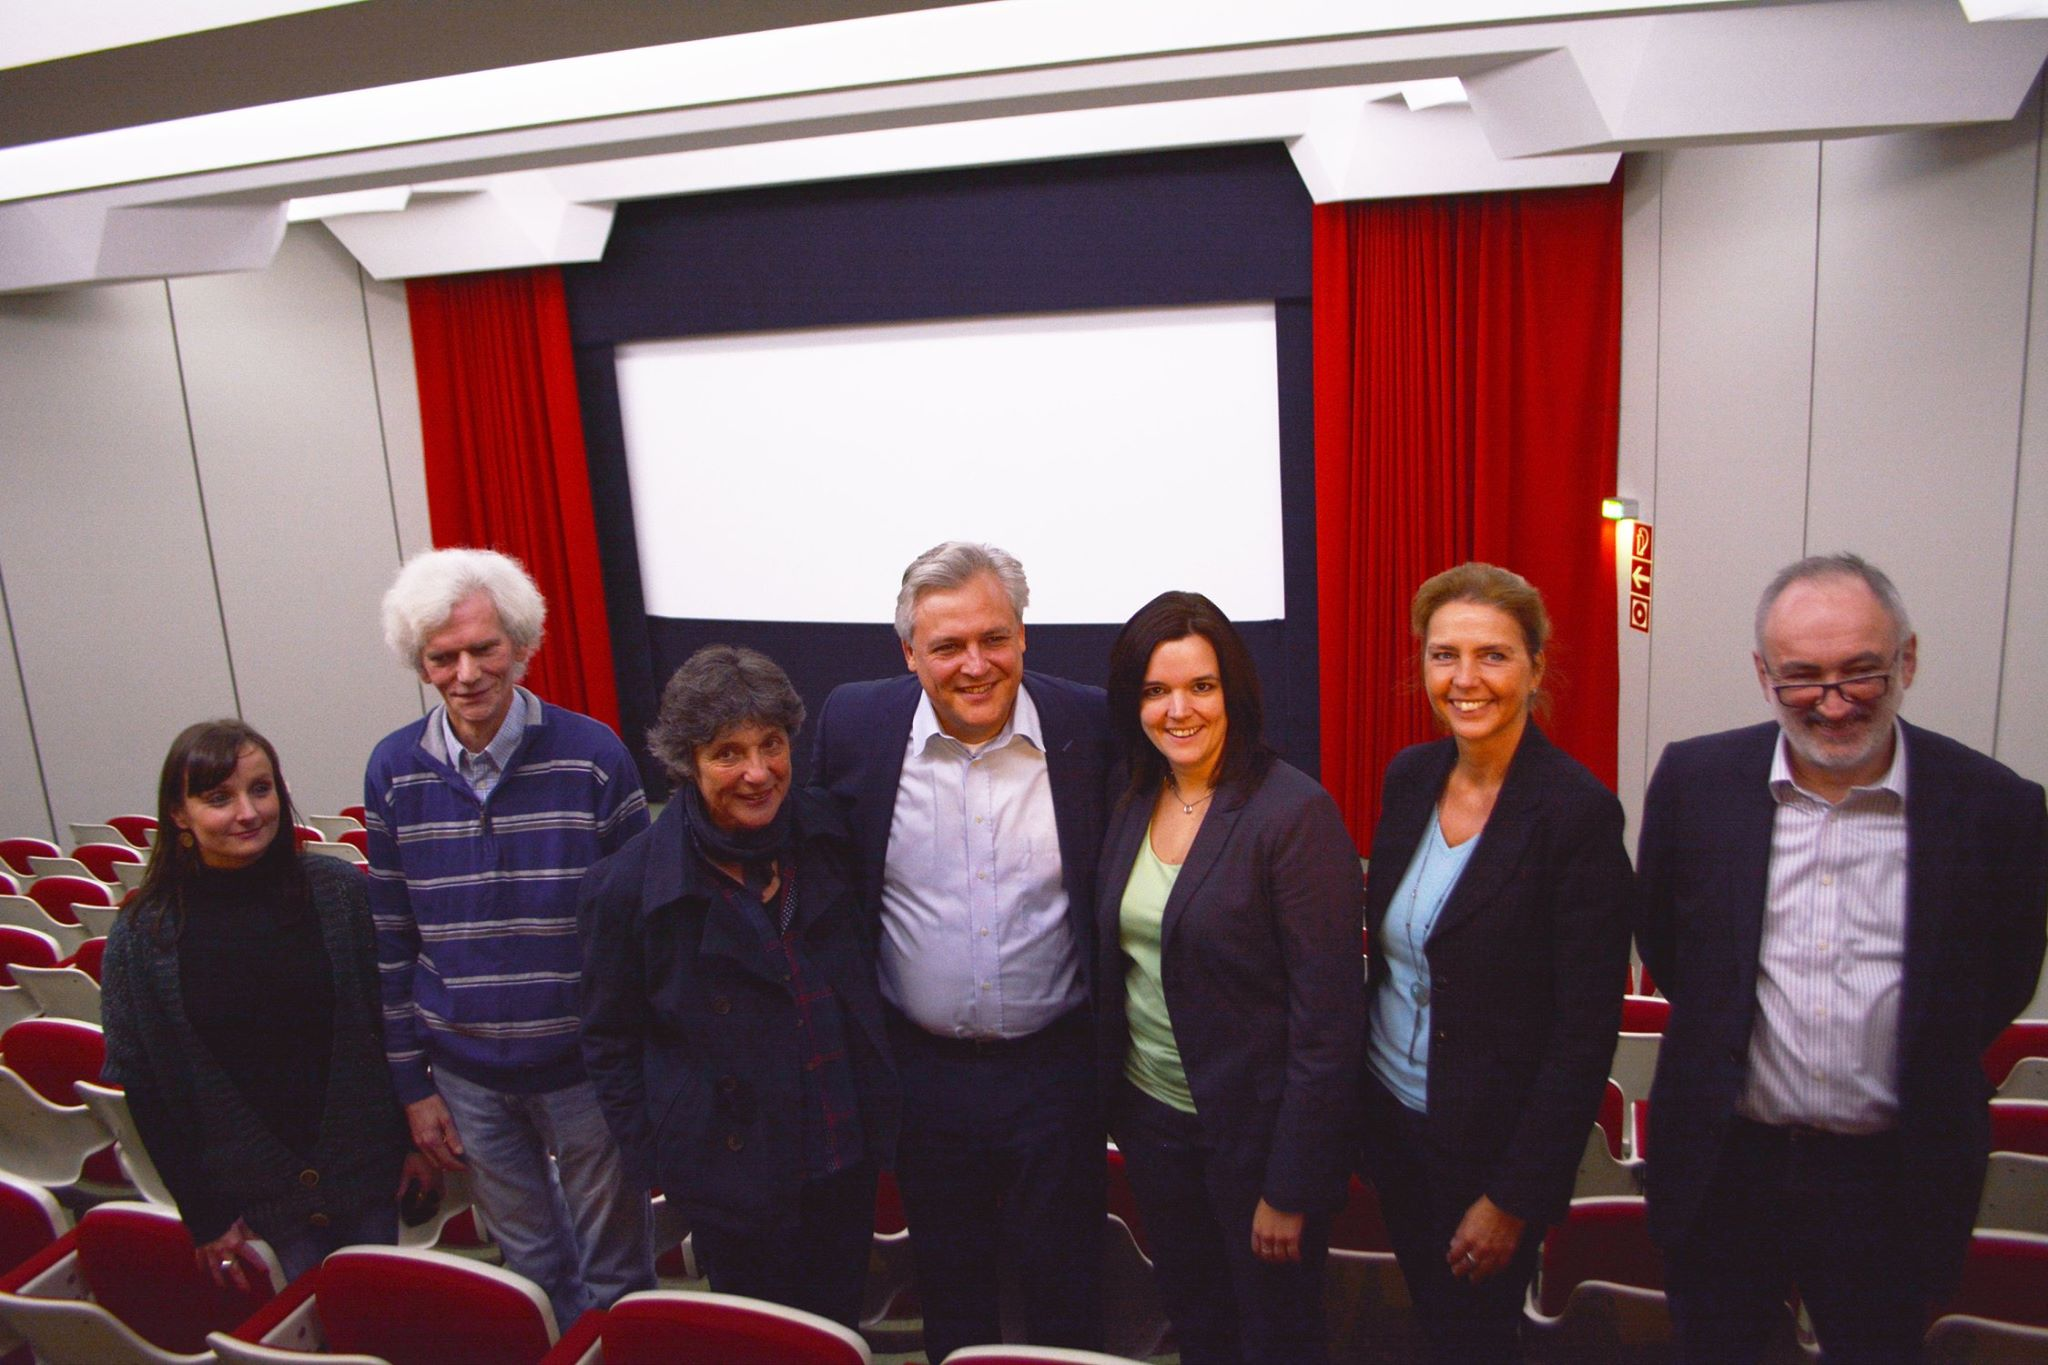 Pressekonferenz zum neuen Digitalprojektor des Kommunalen Kinos